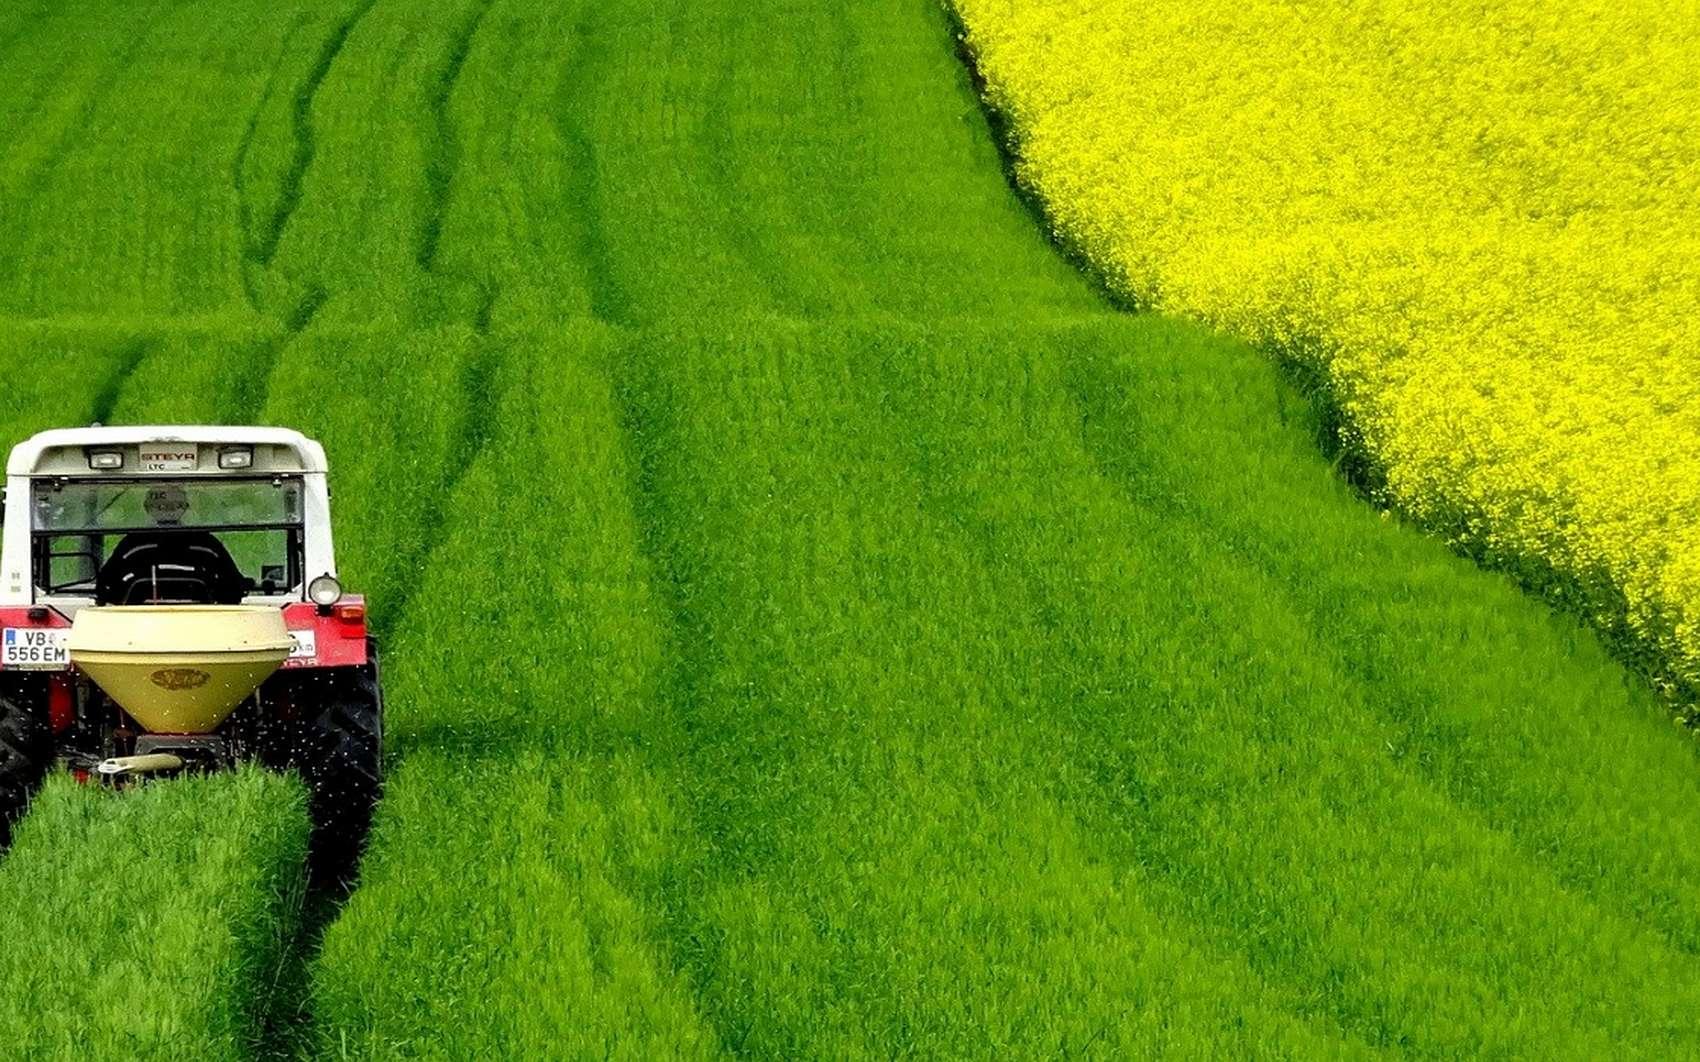 L'autosuffisance alimentaire n'est pas seulement la capacité de cultiver des aliments dans le pays ou dans une ferme, mais aussi celle d'acheter des aliments qui ne peuvent pas être cultivés localement © dengmo Pixabay